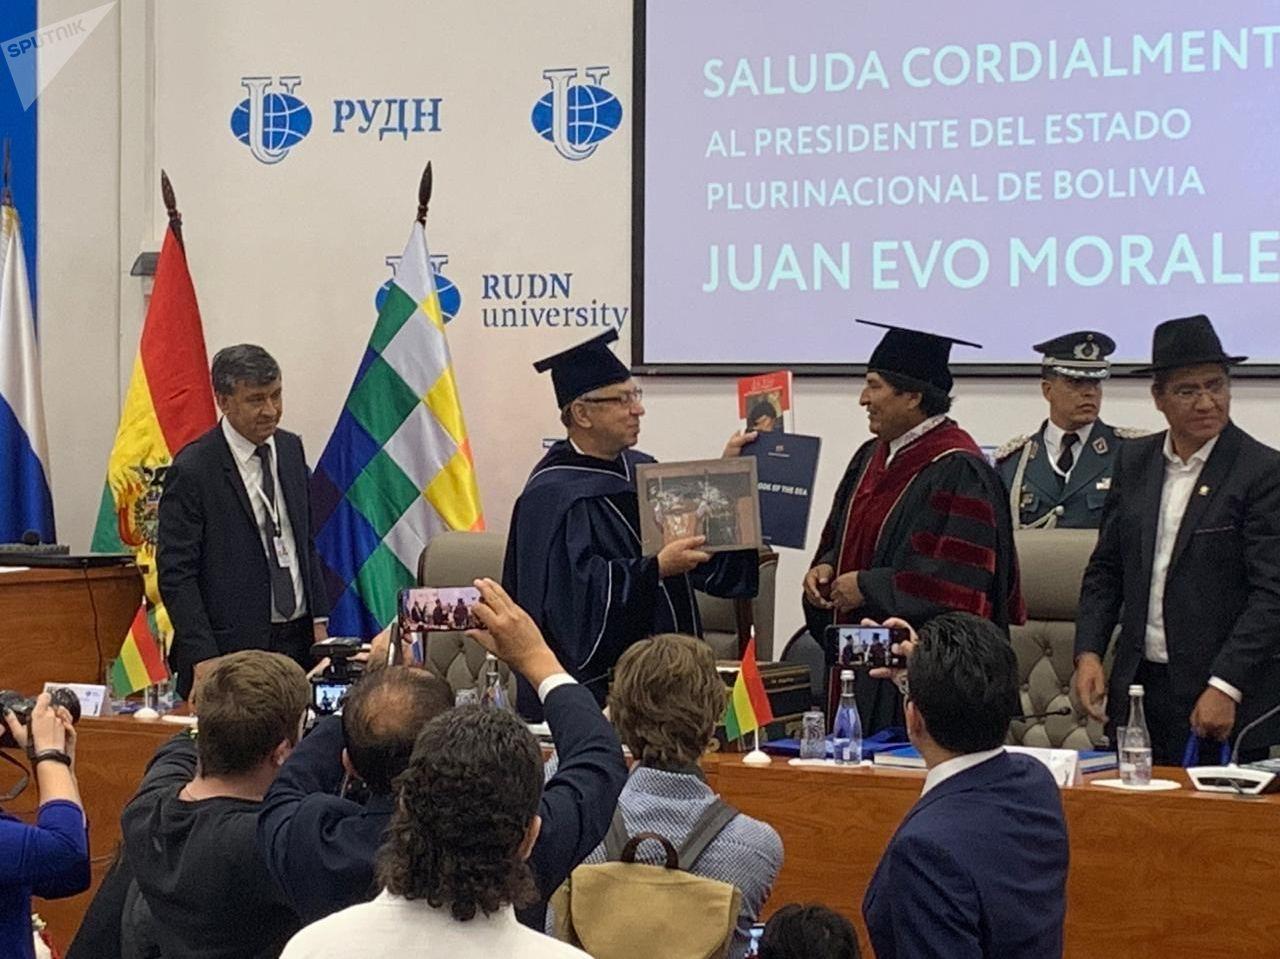 Evo Morales recibe el título de Doctor Honoris Causa en la Universidad rusa de la Amistad de los Pueblos (RUDN)